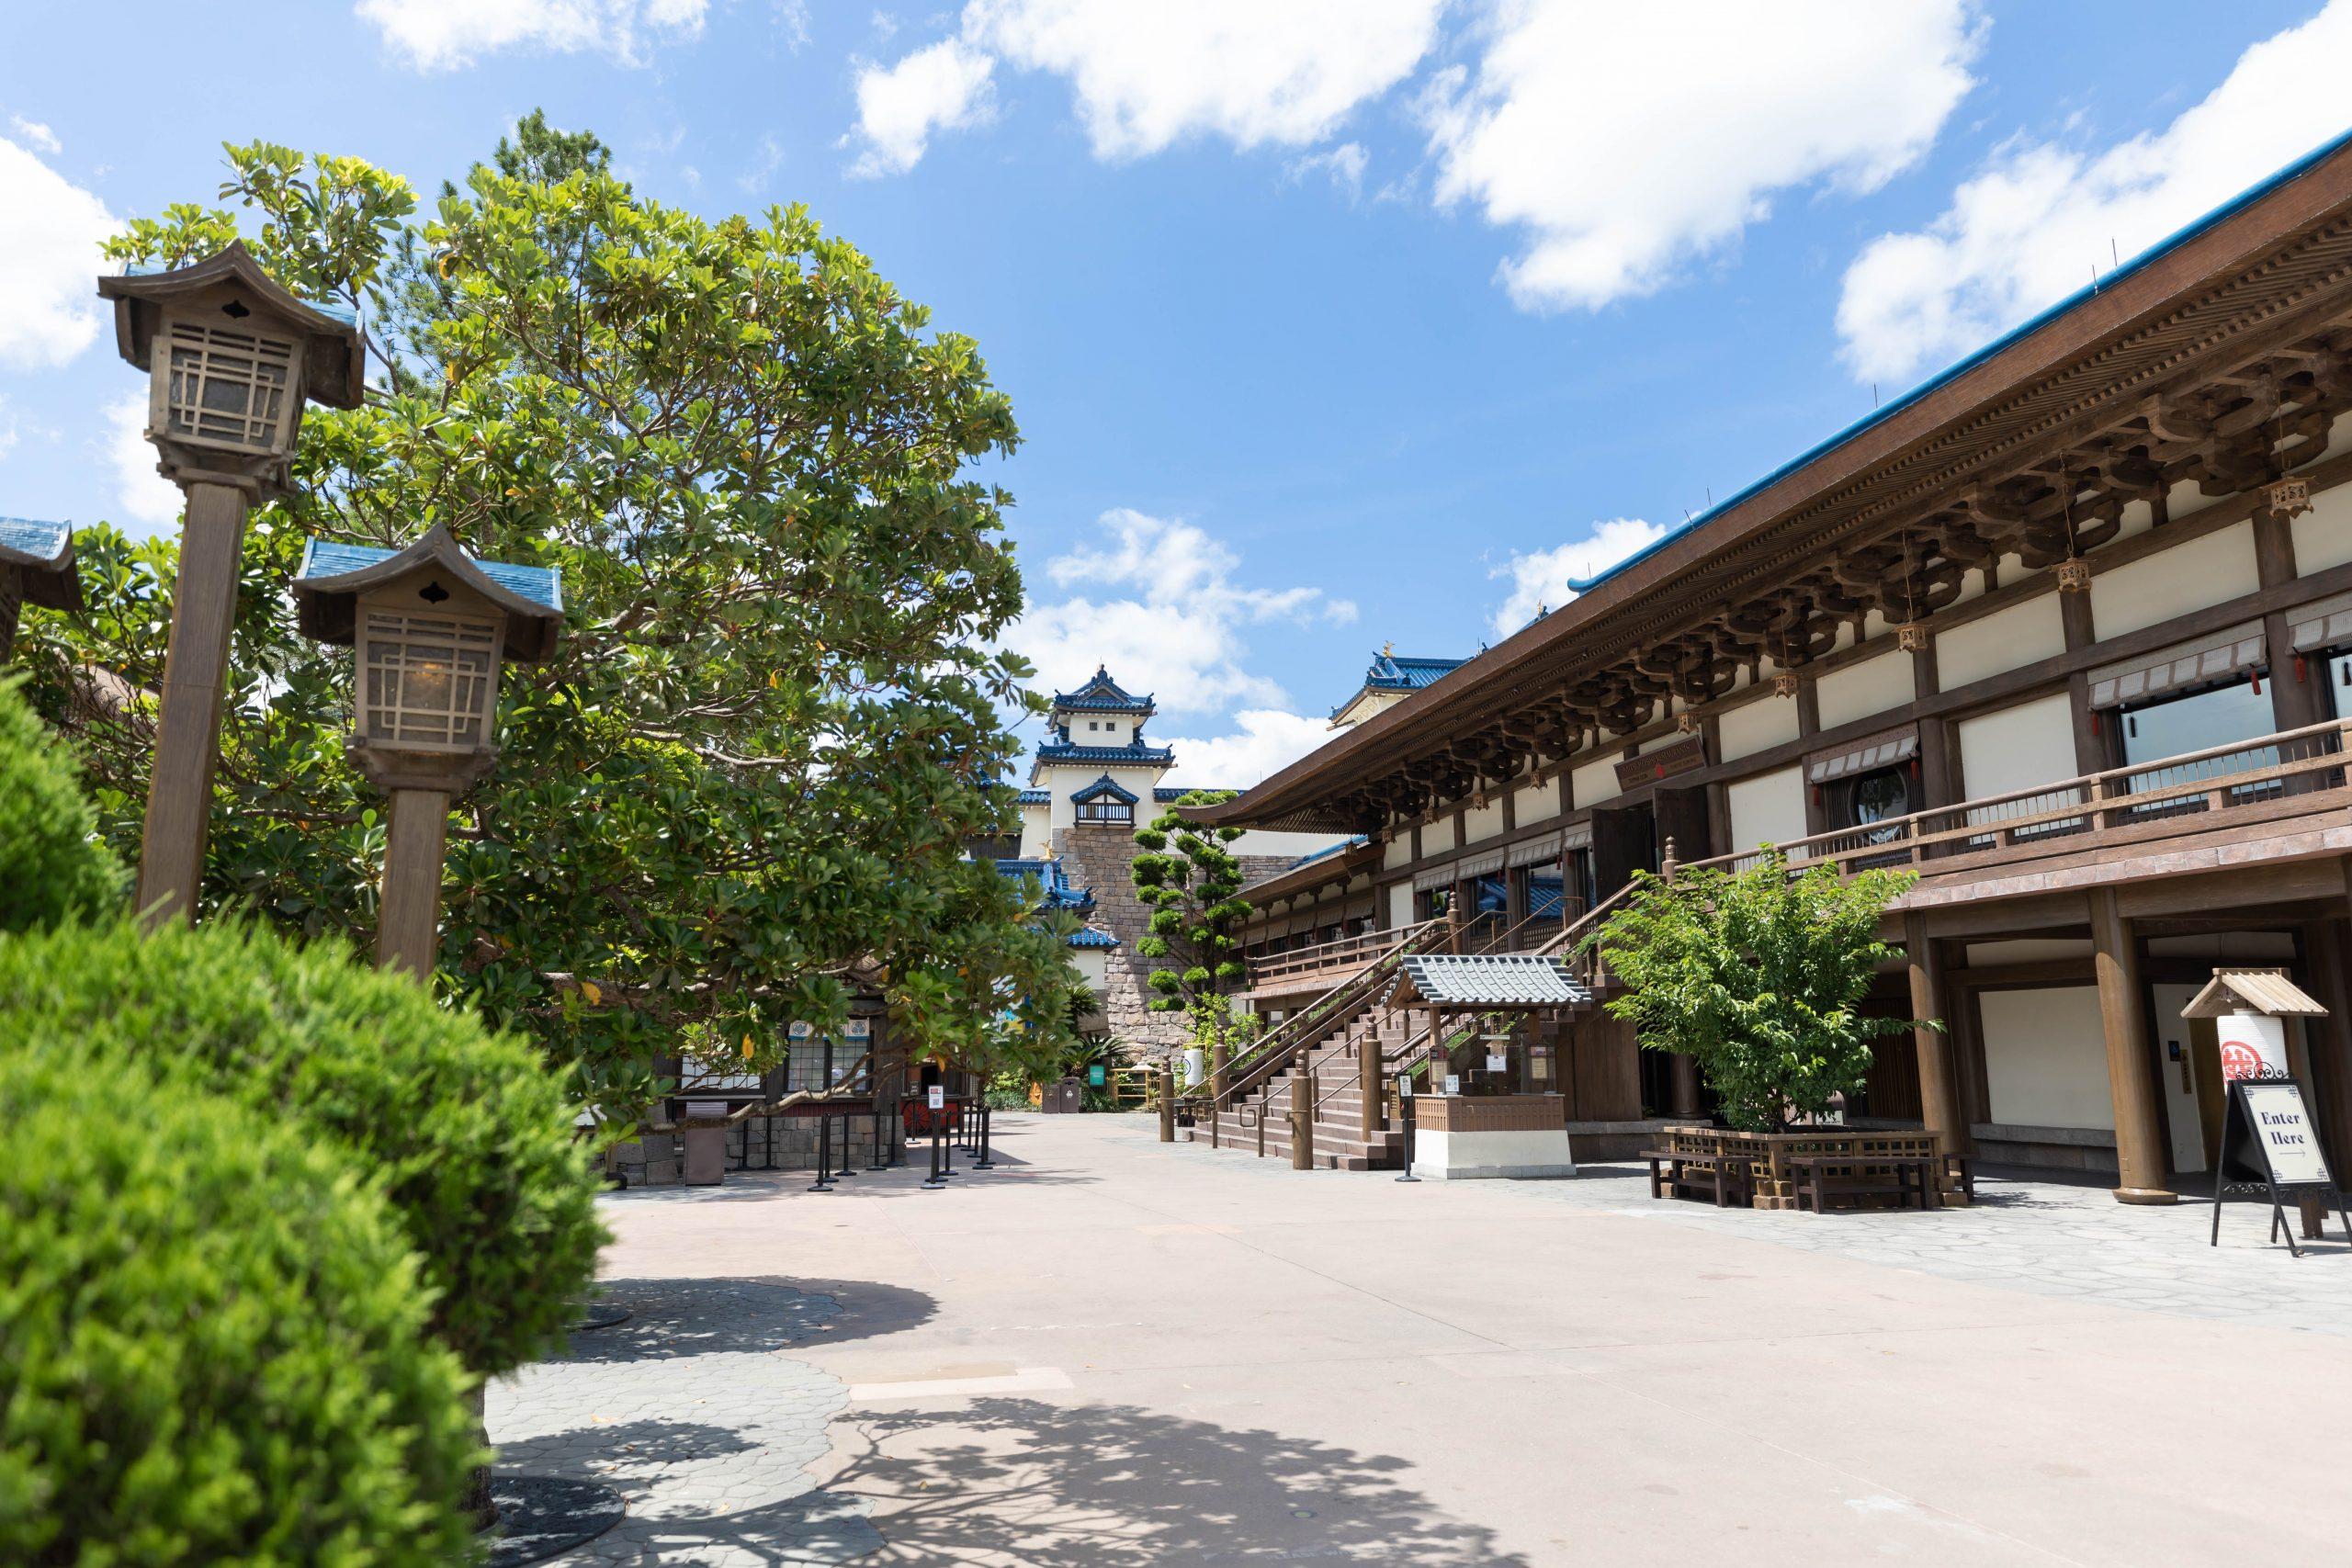 Japan Pavillion at Epcot in Walt Disney World Orlando Florida by Luxury Travel Writer Annie Fairfax